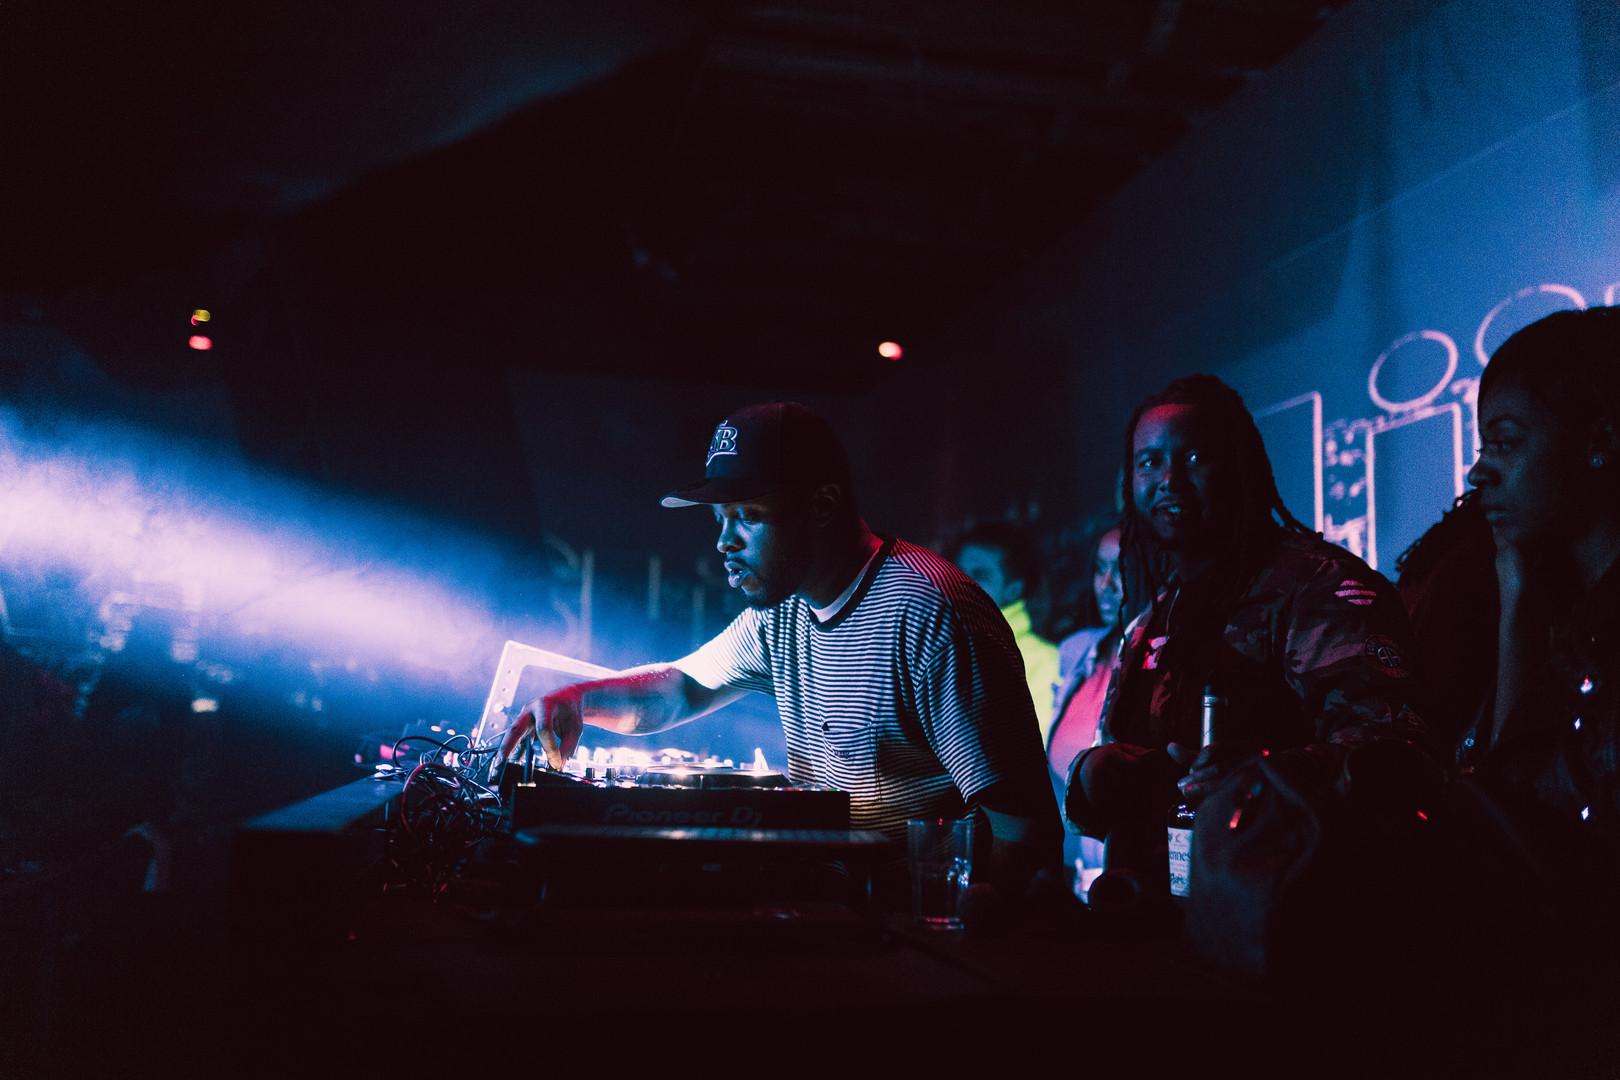 19-02-15 _ DJ Sliink & Friends _ Schiman